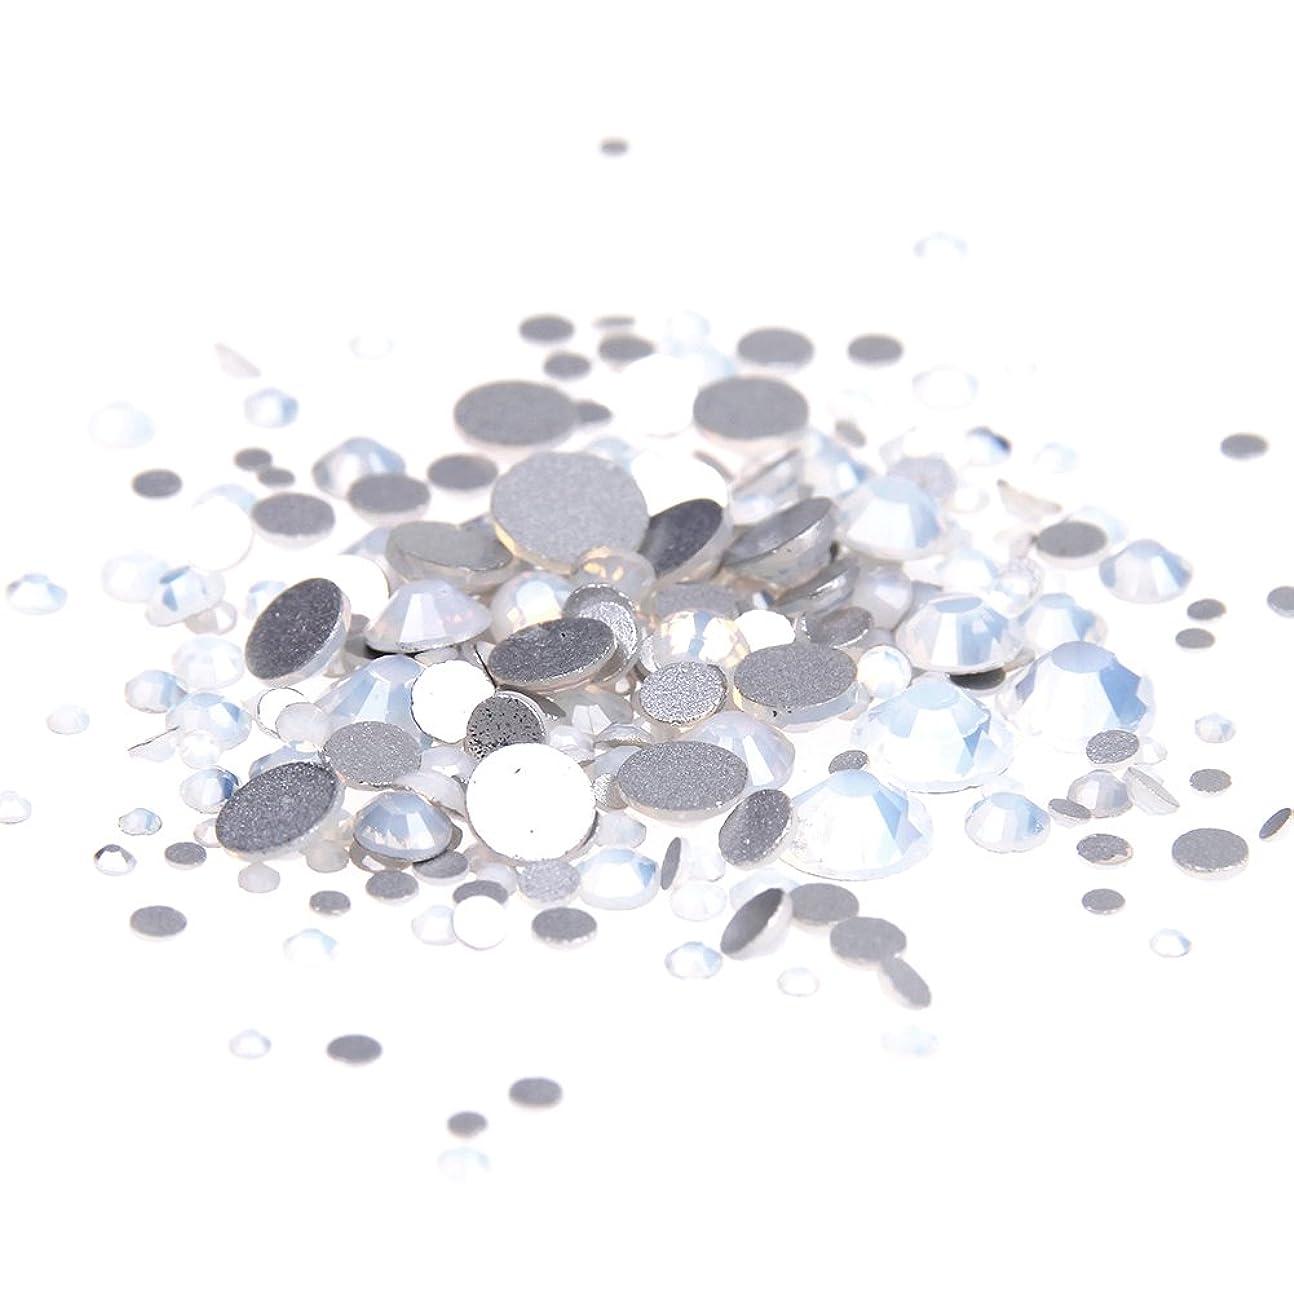 処方する指吸うNizi ジュエリー ブランド ホワイトオパール ラインストーン は ガラスの材質 ネイル使用 型番ss3-ss34 (混合サイズ 1000pcs)